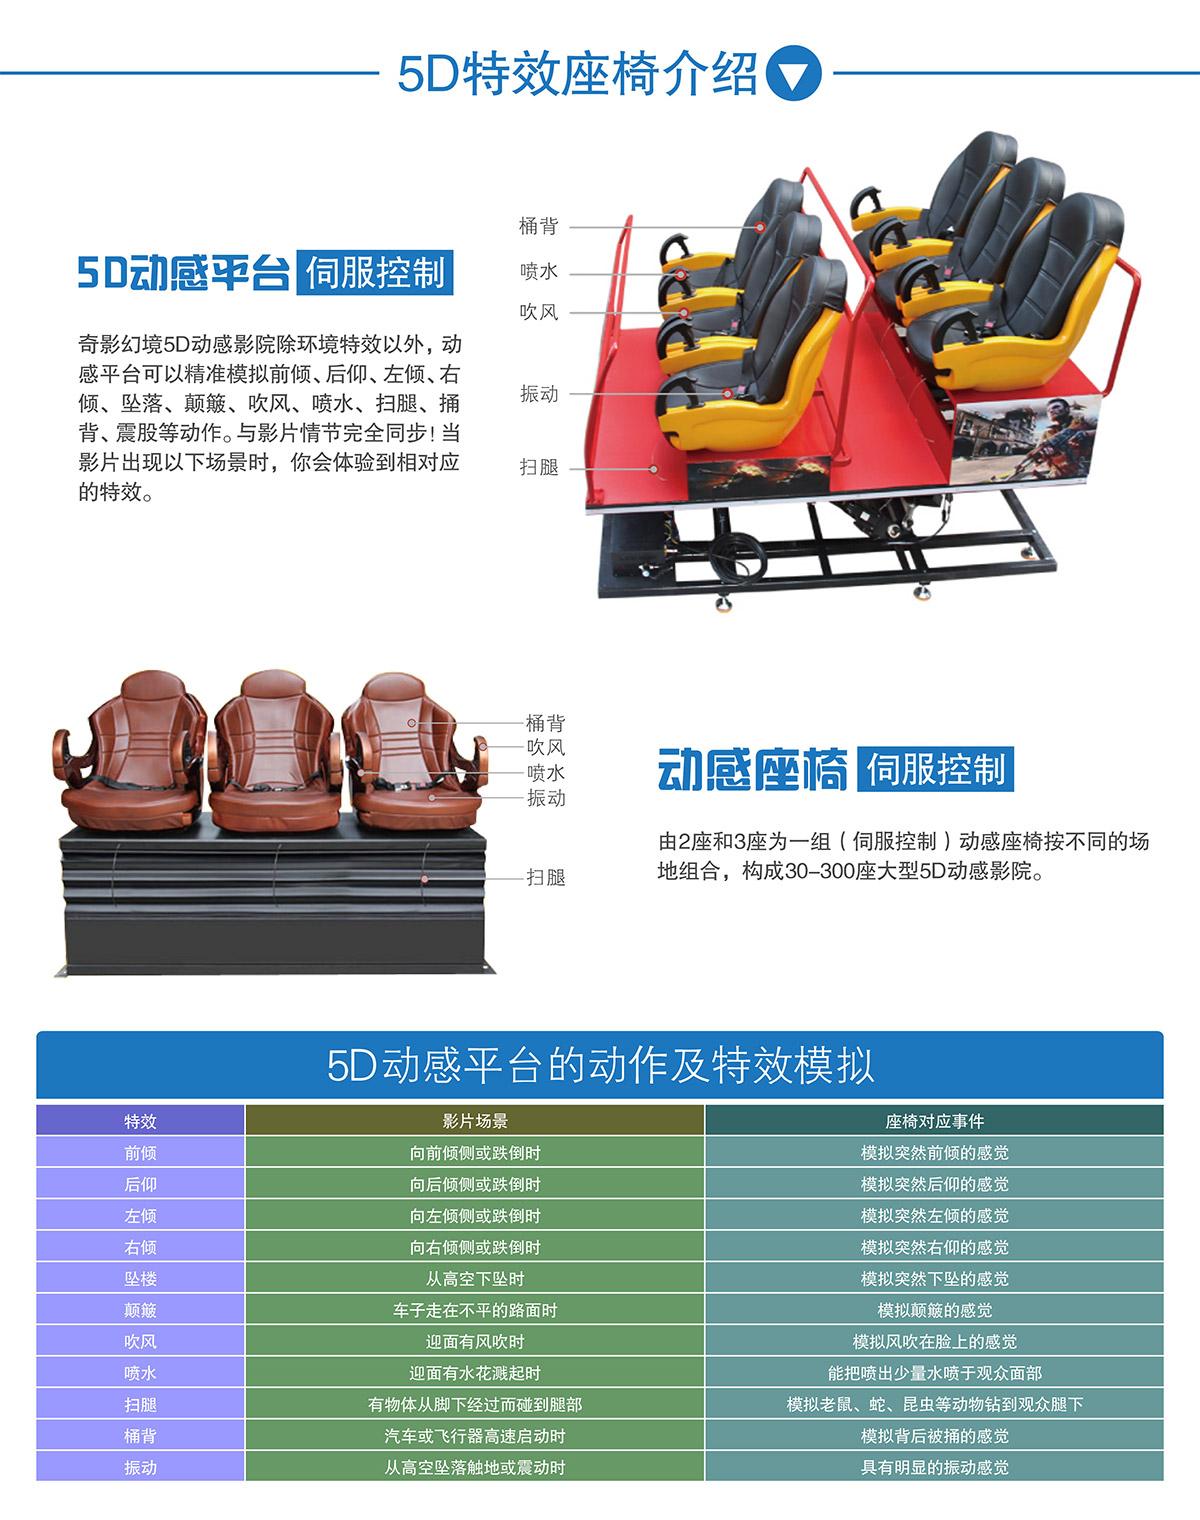 模拟安全中大型5D动感特效座椅介绍.jpg